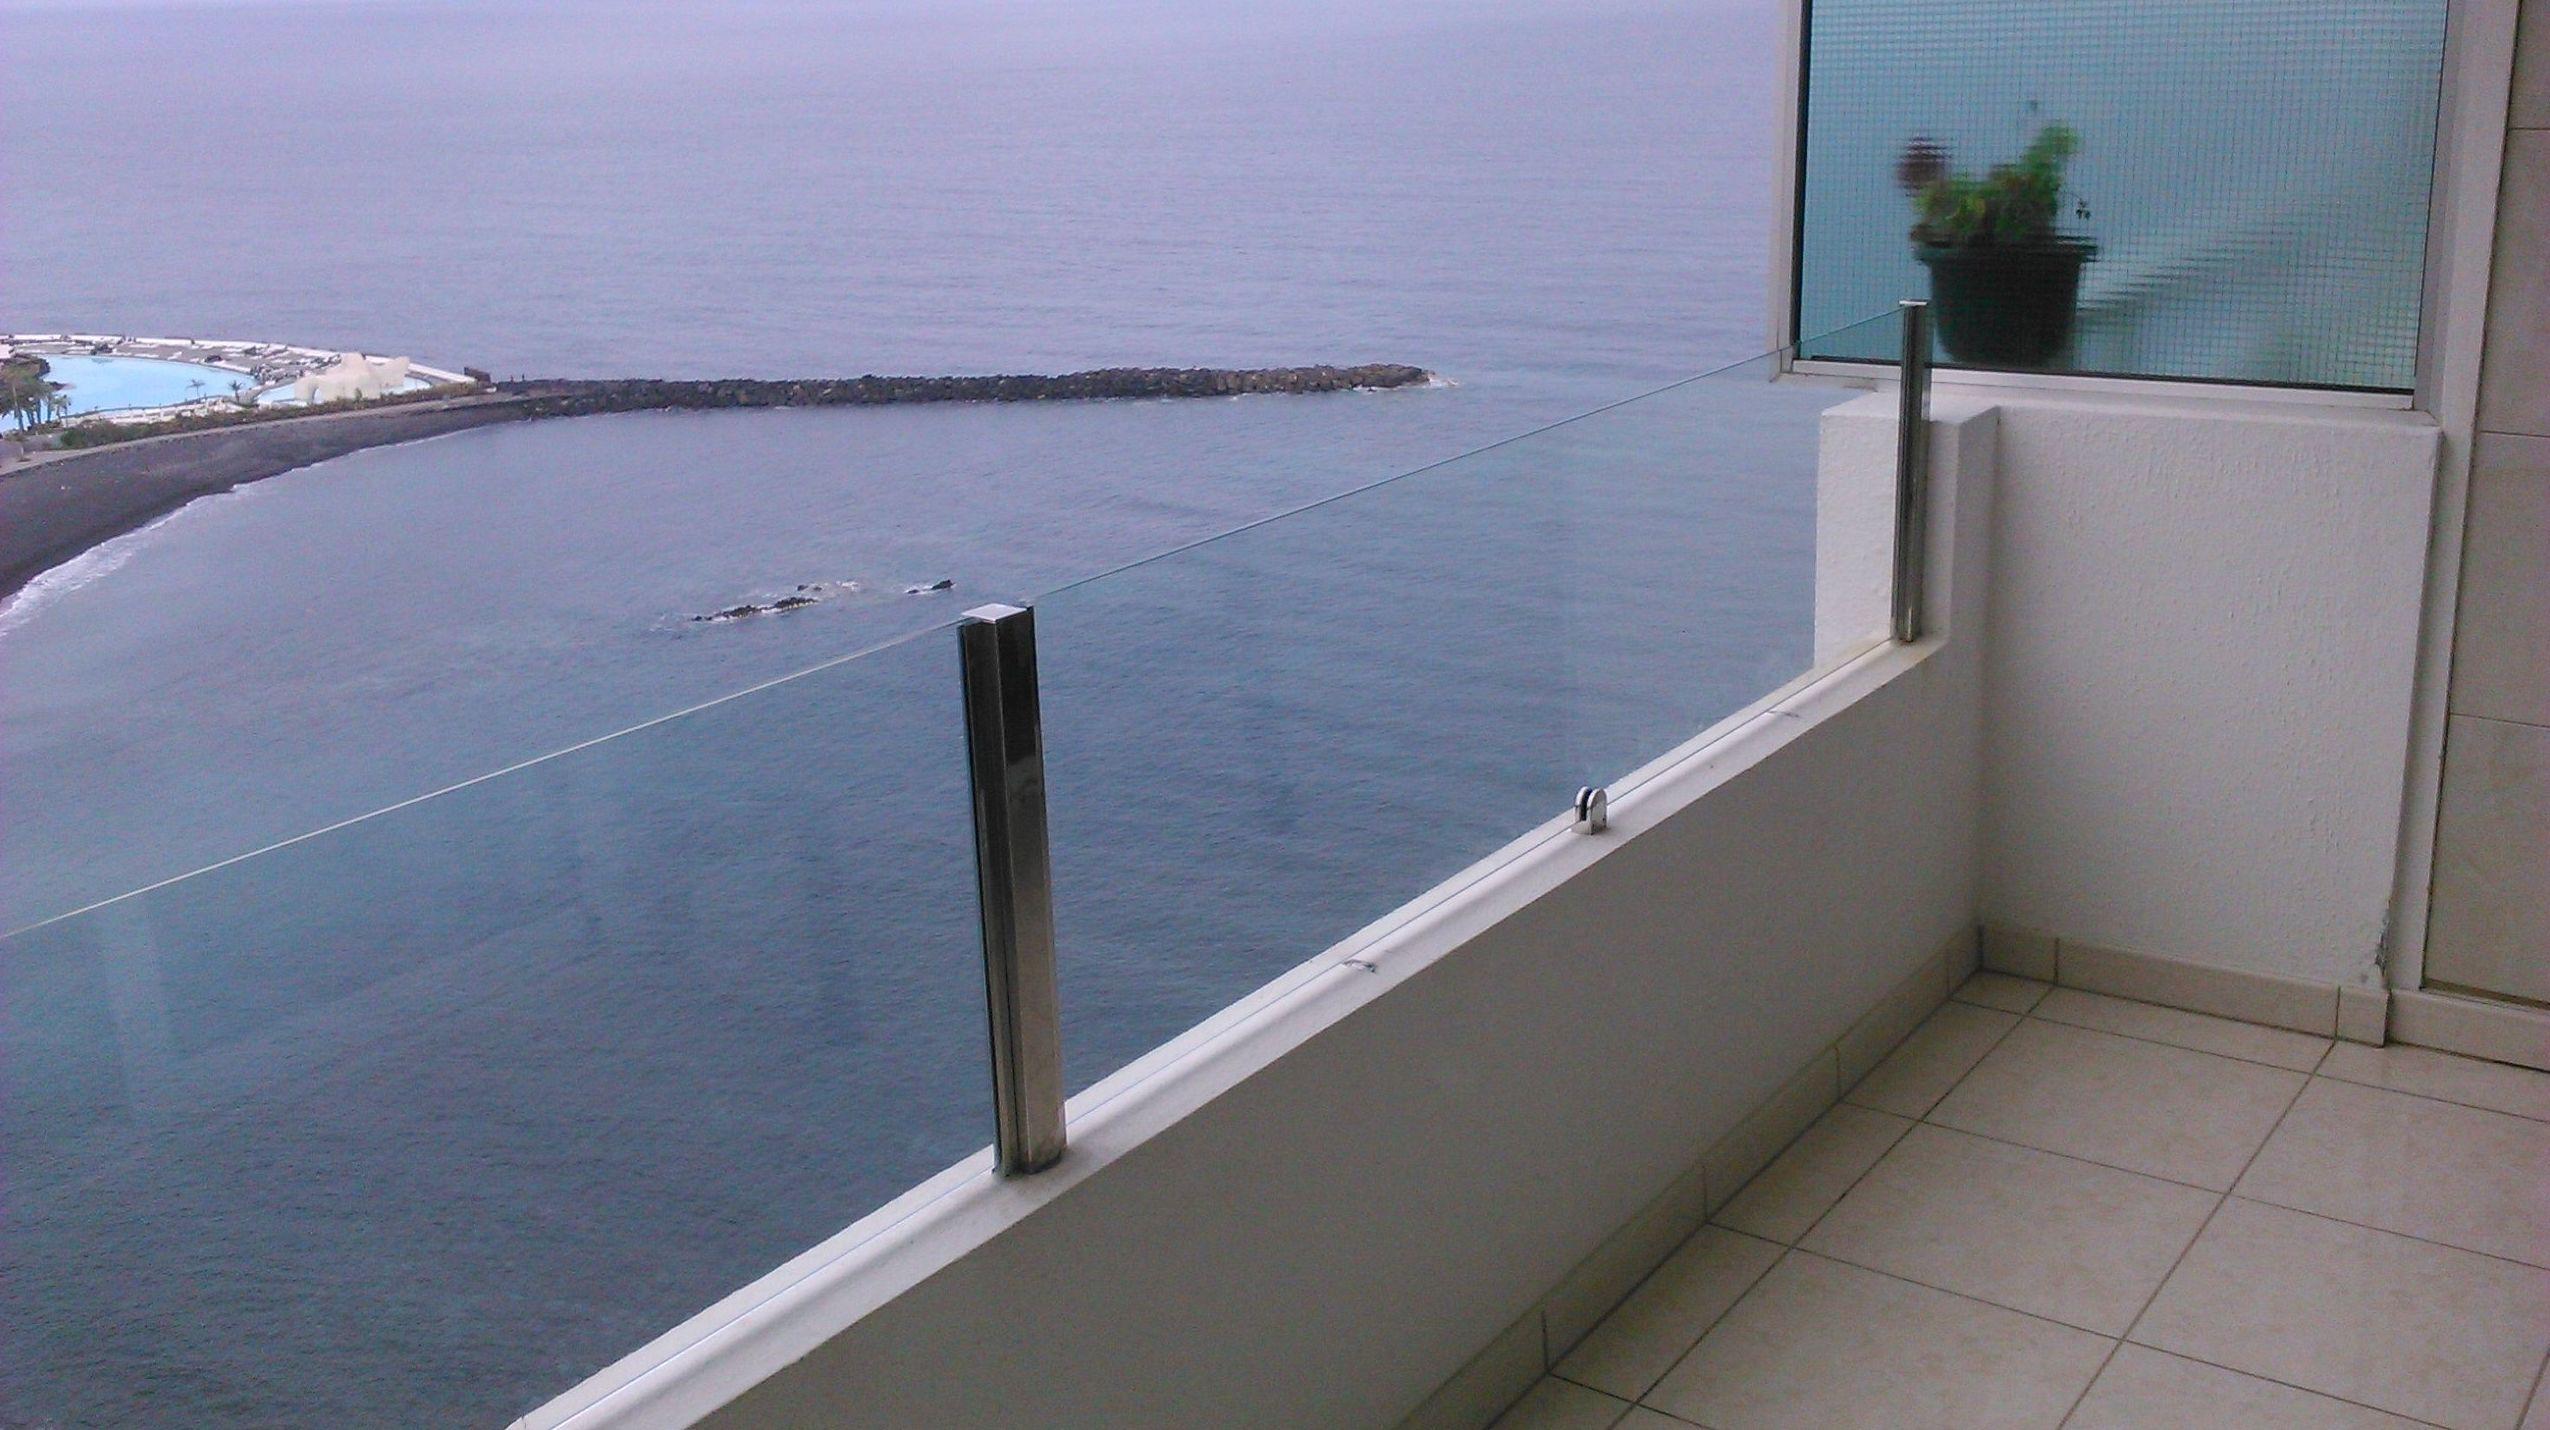 Barandillas de aluminio para terrazas finest fabricamos - Barandillas de cristal para terrazas ...